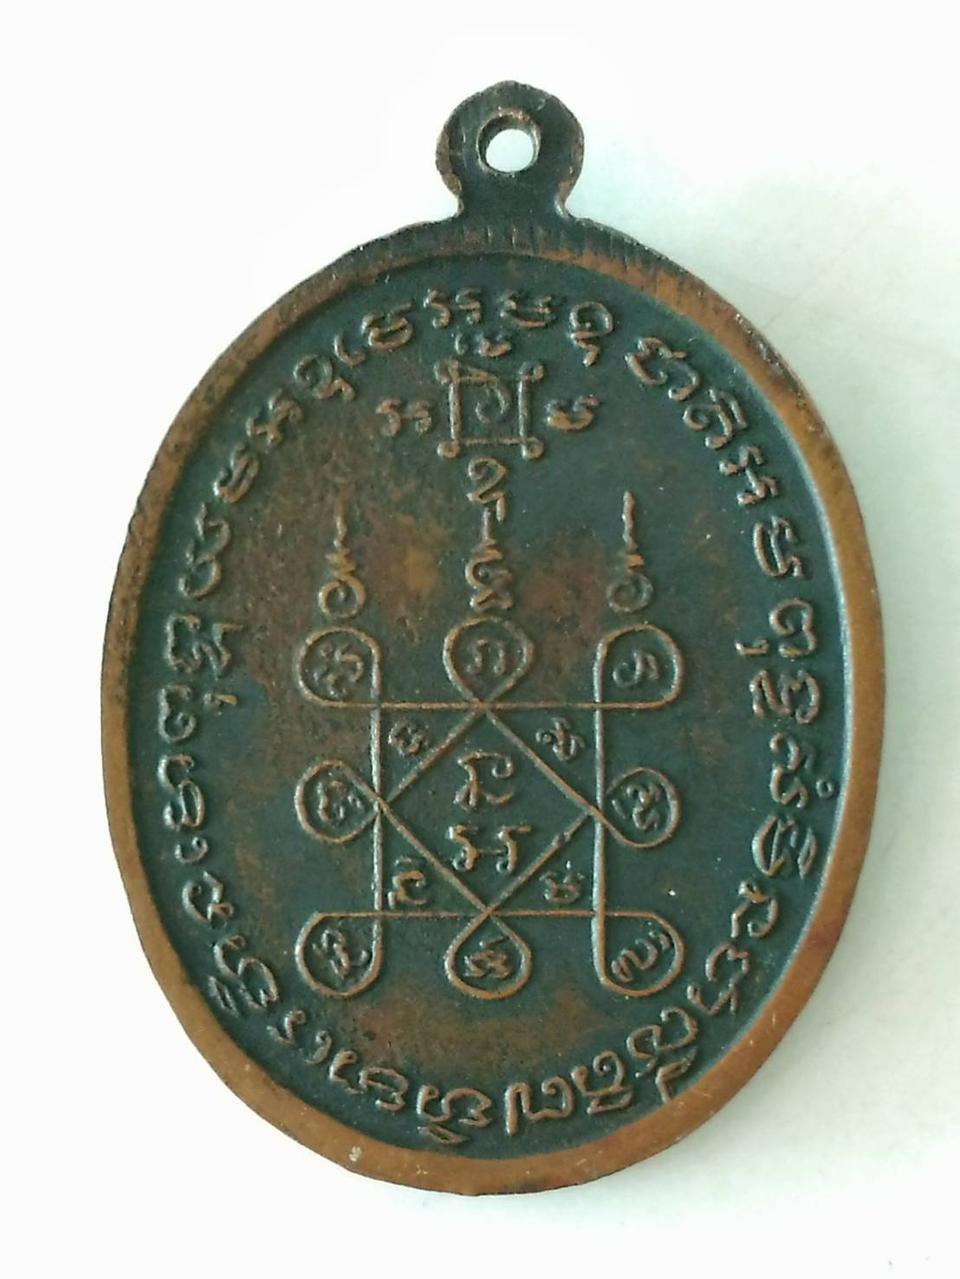 5271 เหรียญลพ.แดง วัดเขาบันไดอิฐ ปี13 บล็อกวัวลาน จ.เพชรบุรี รูปที่ 1